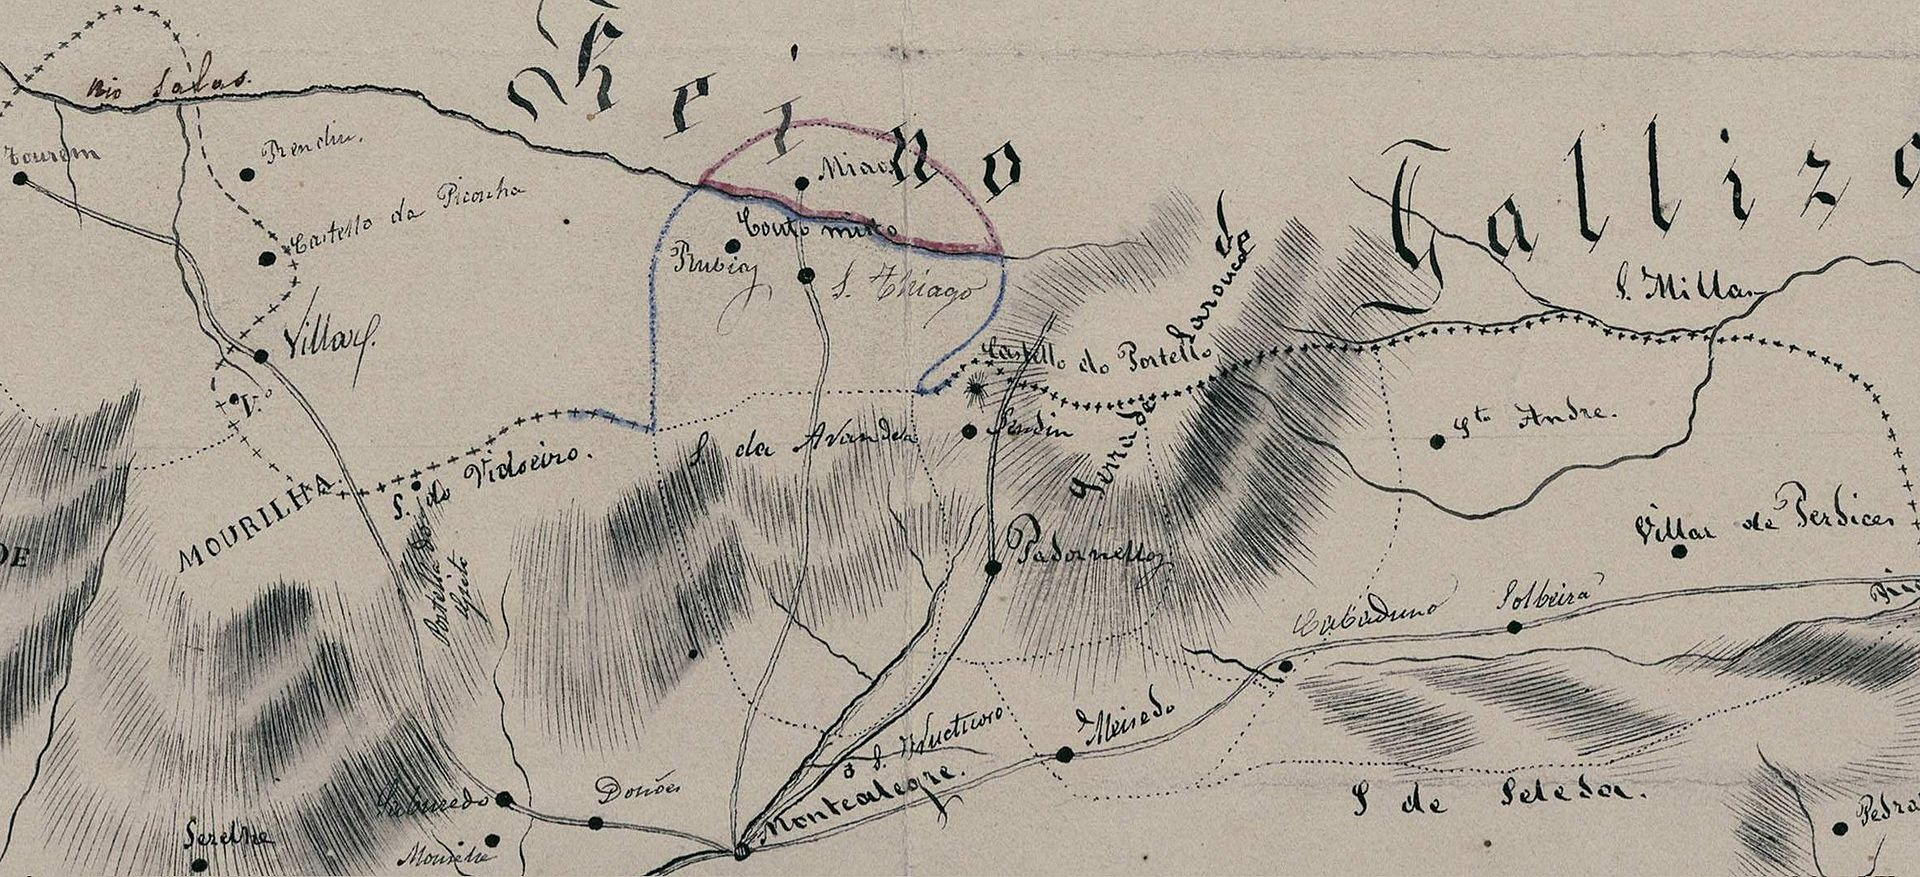 carta_topografica_do_julgado_de_montalegre_1836_fidencio_bourman_couto_misto